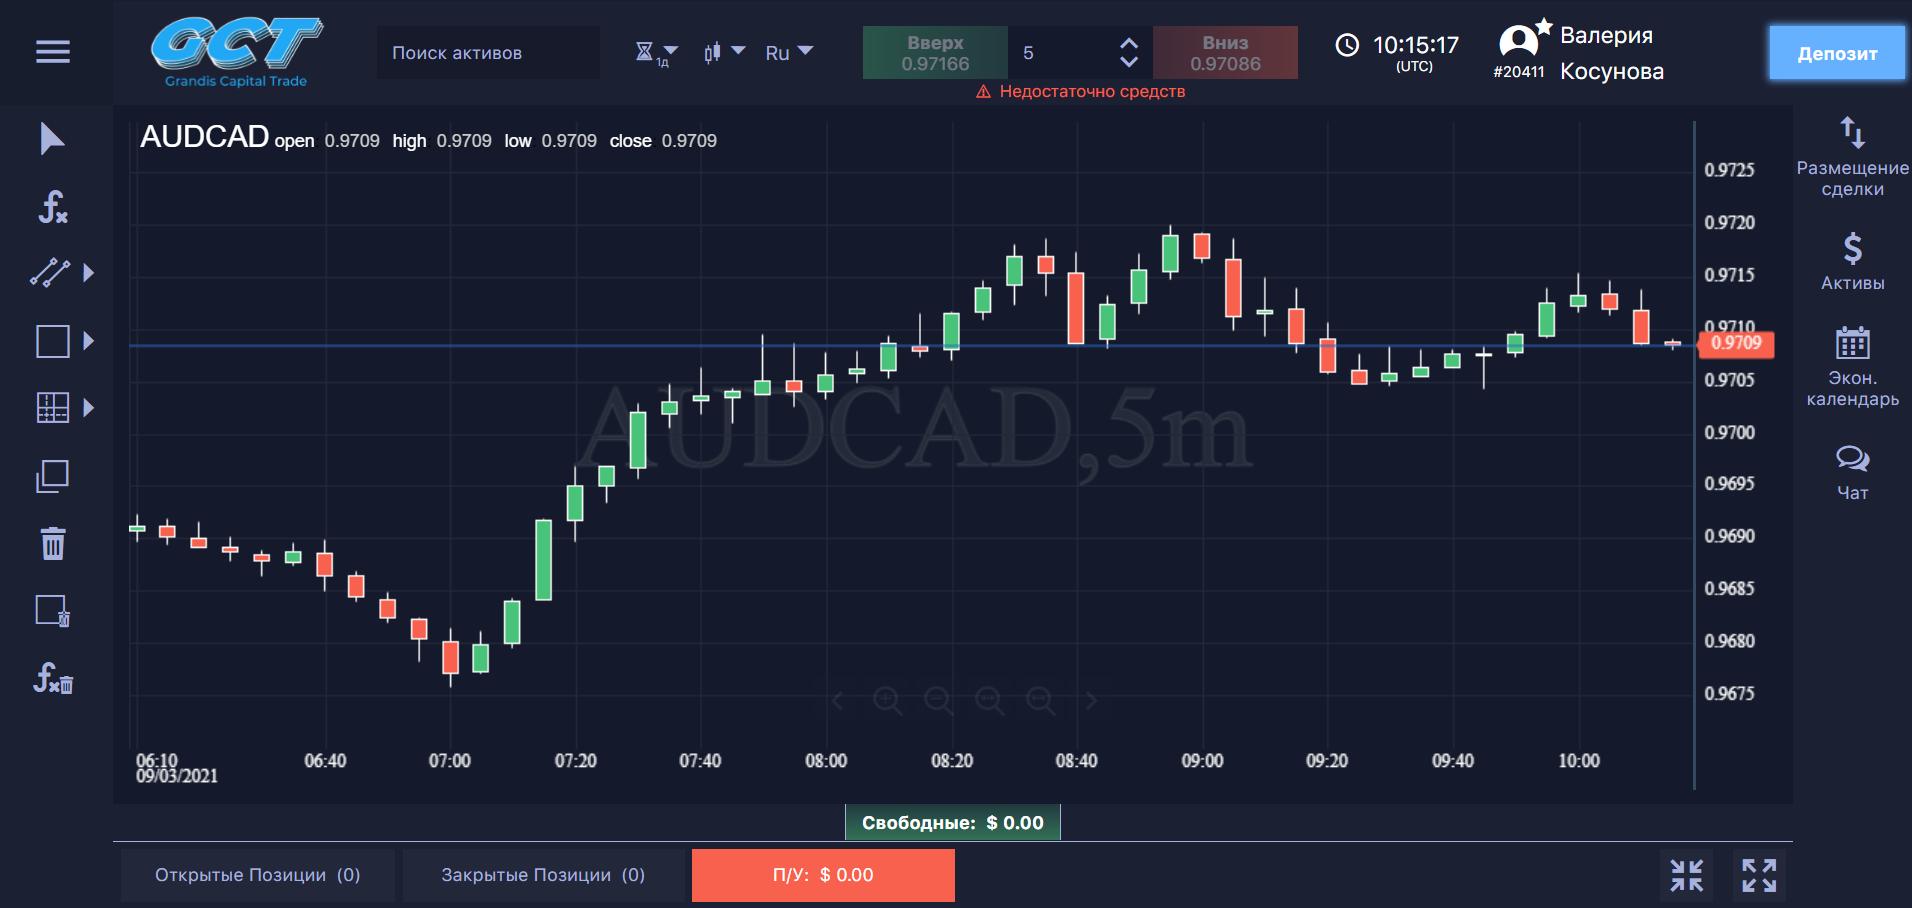 Можно проследить динамику курса валюты